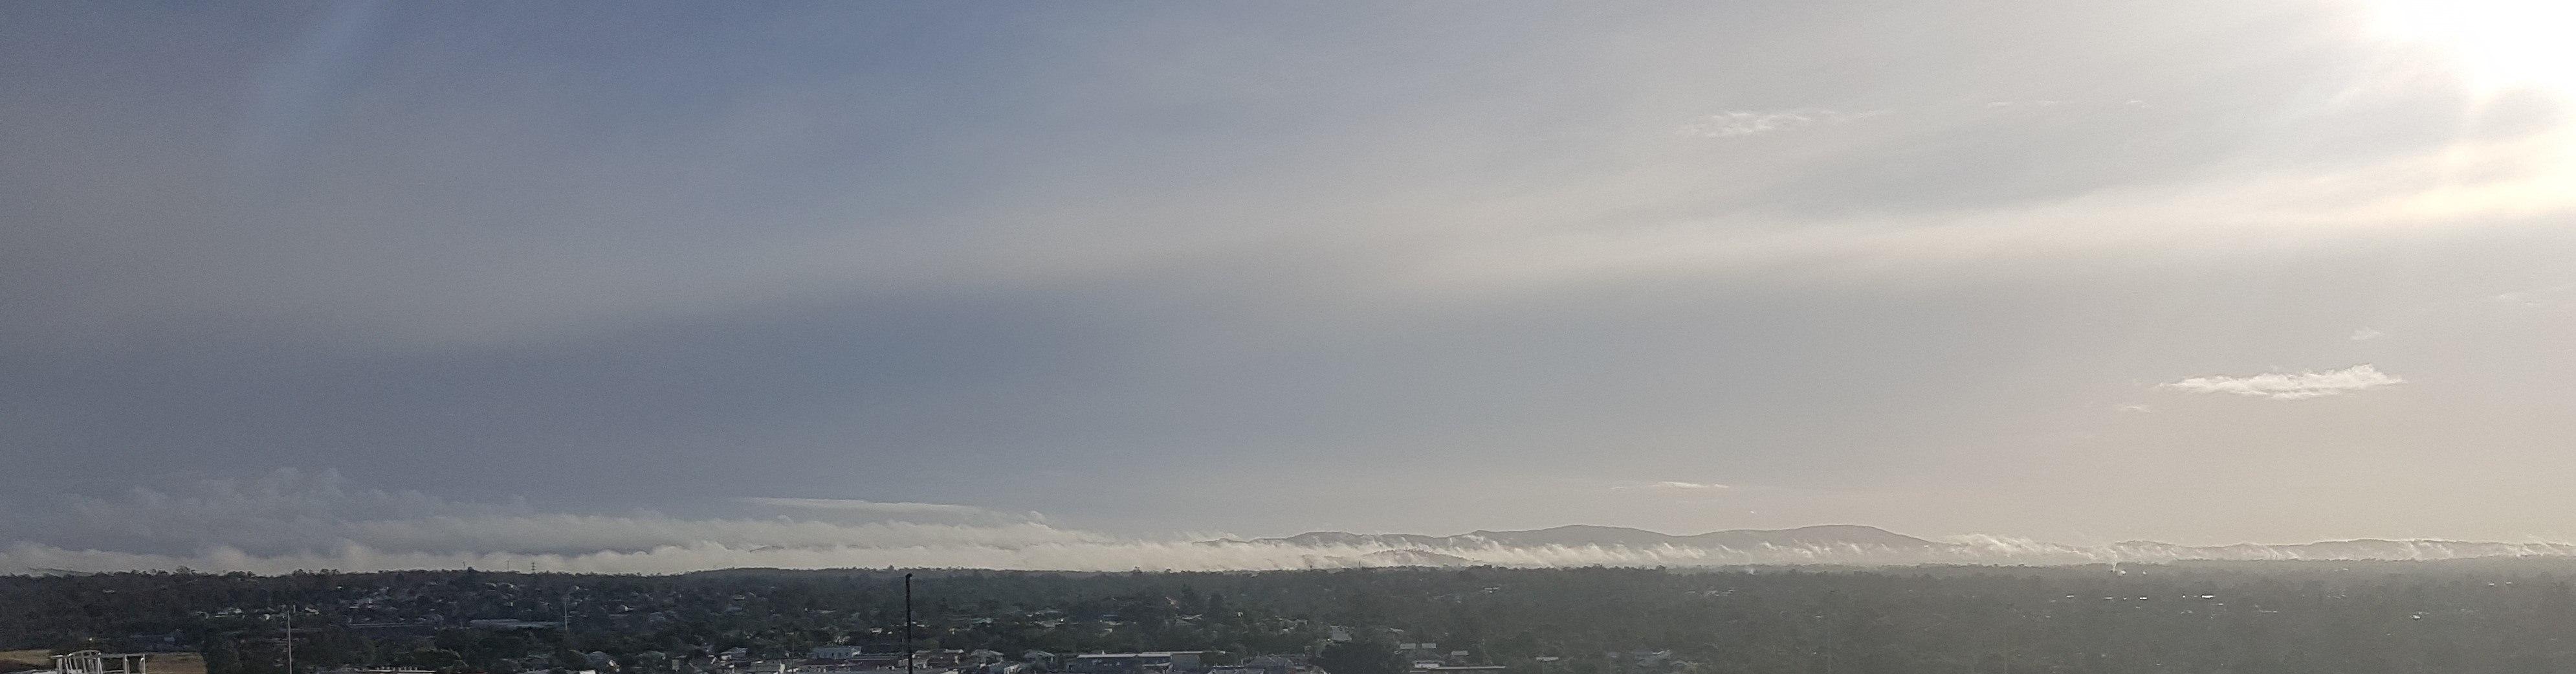 low cloud Mt Crosby 20190705 v2.jpg